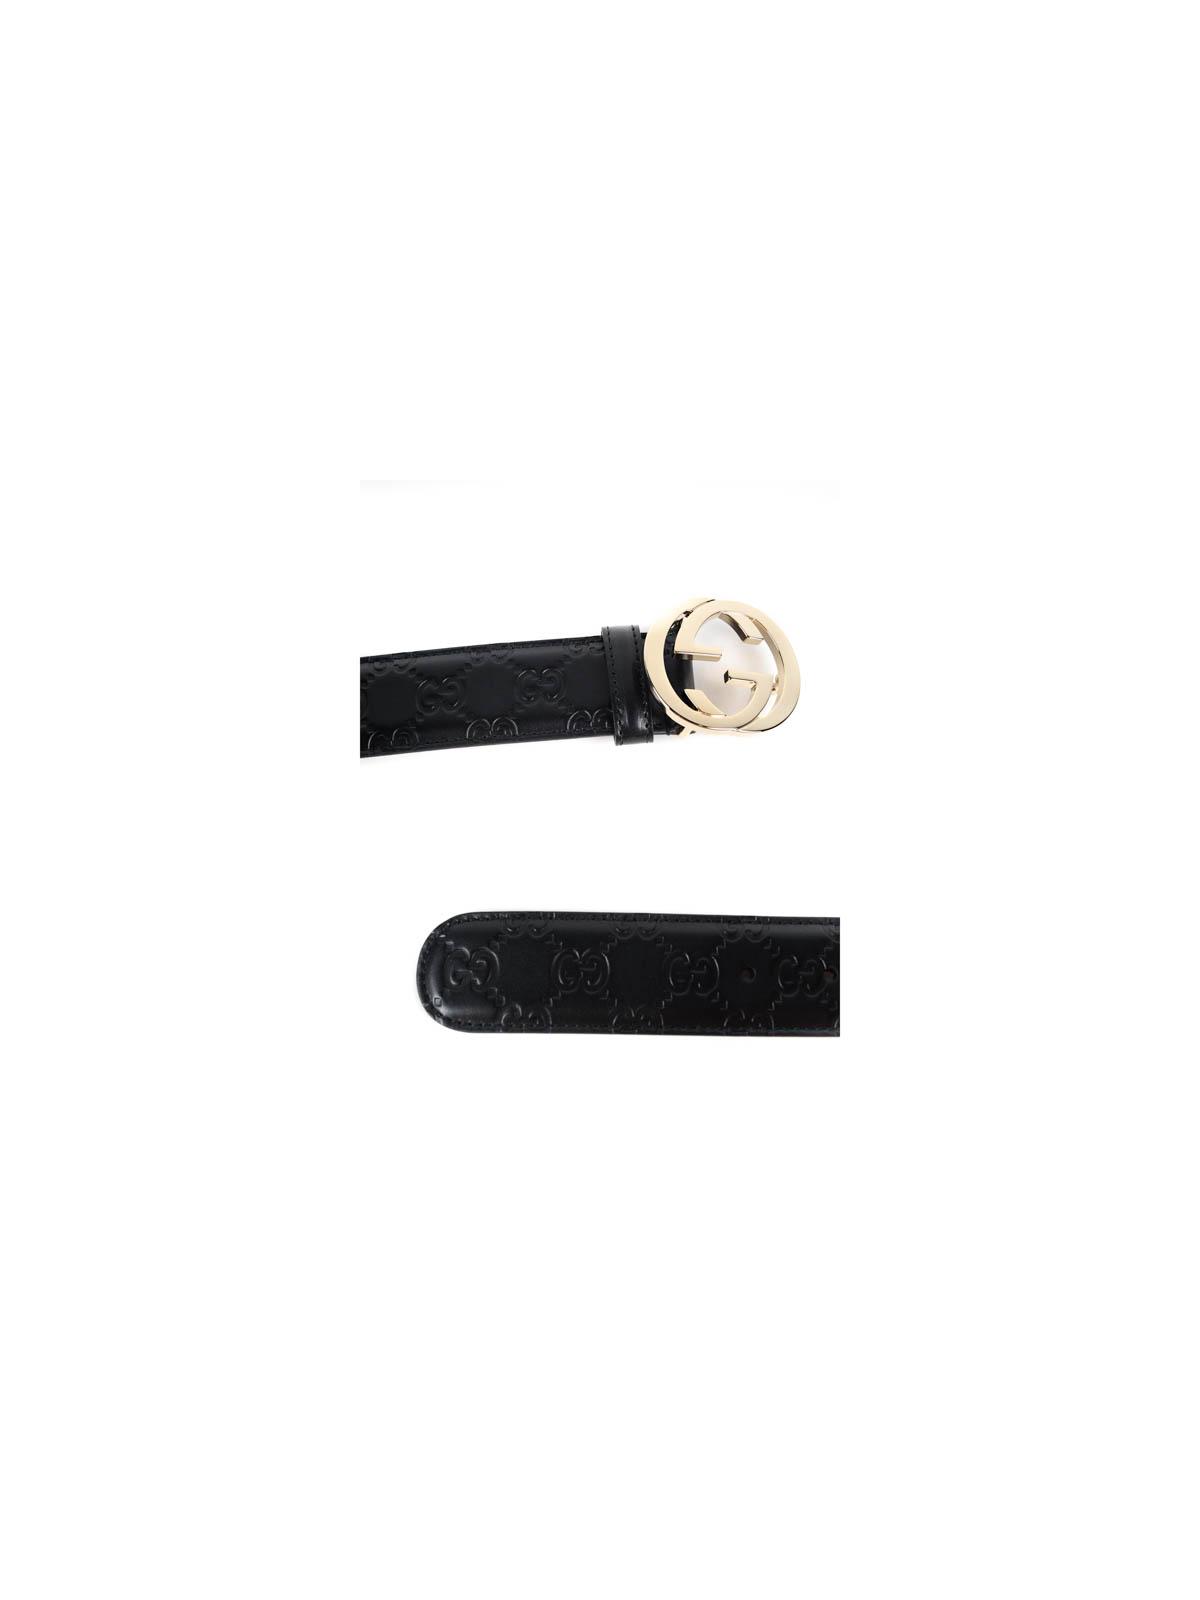 4ec04f818 Gucci - Cinturón Negro Para Mujer - Cinturones - 370543 CWC1G 1000